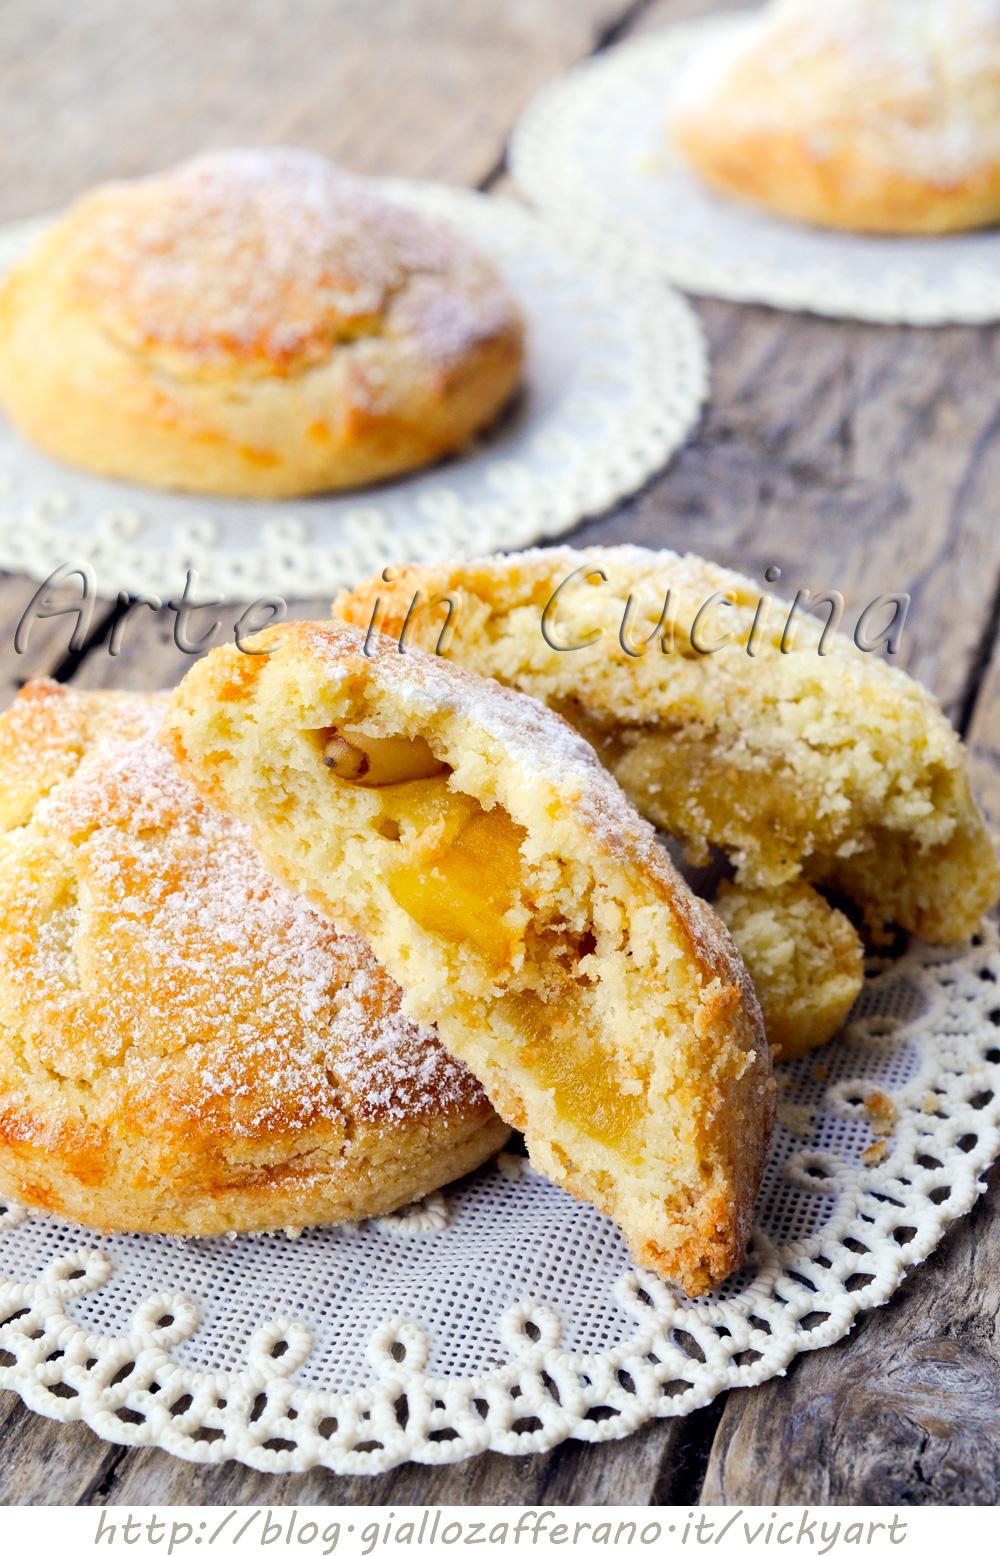 Biscotti cuor di mela e pinoli ricetta facile arte in cucina for Cucina facile ricette